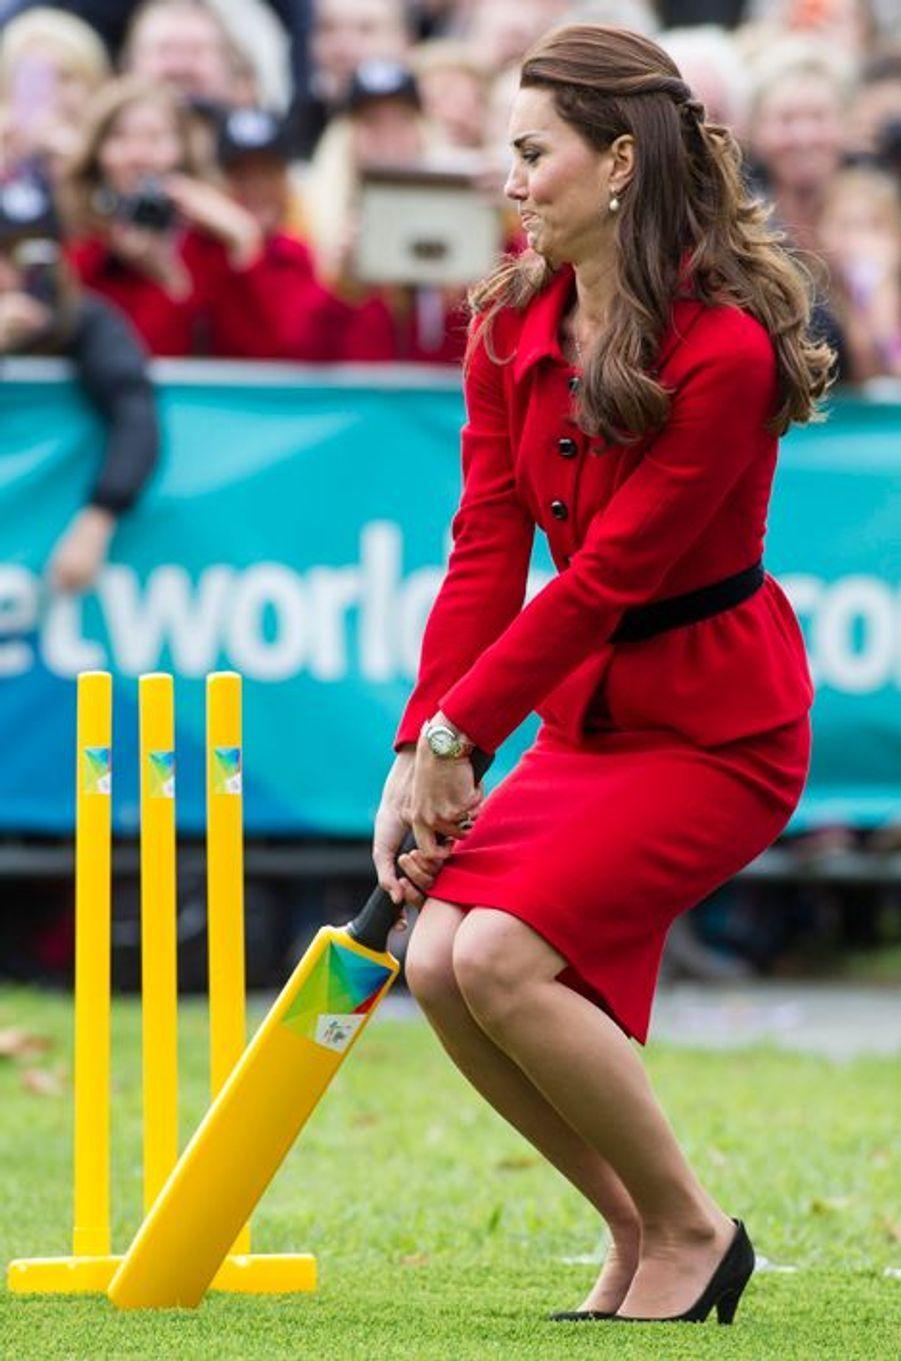 Tout est dans le geste, n'est-ce pas Kate !, Christchurch en Nouvelle-Zélande, le 14 avril 2014